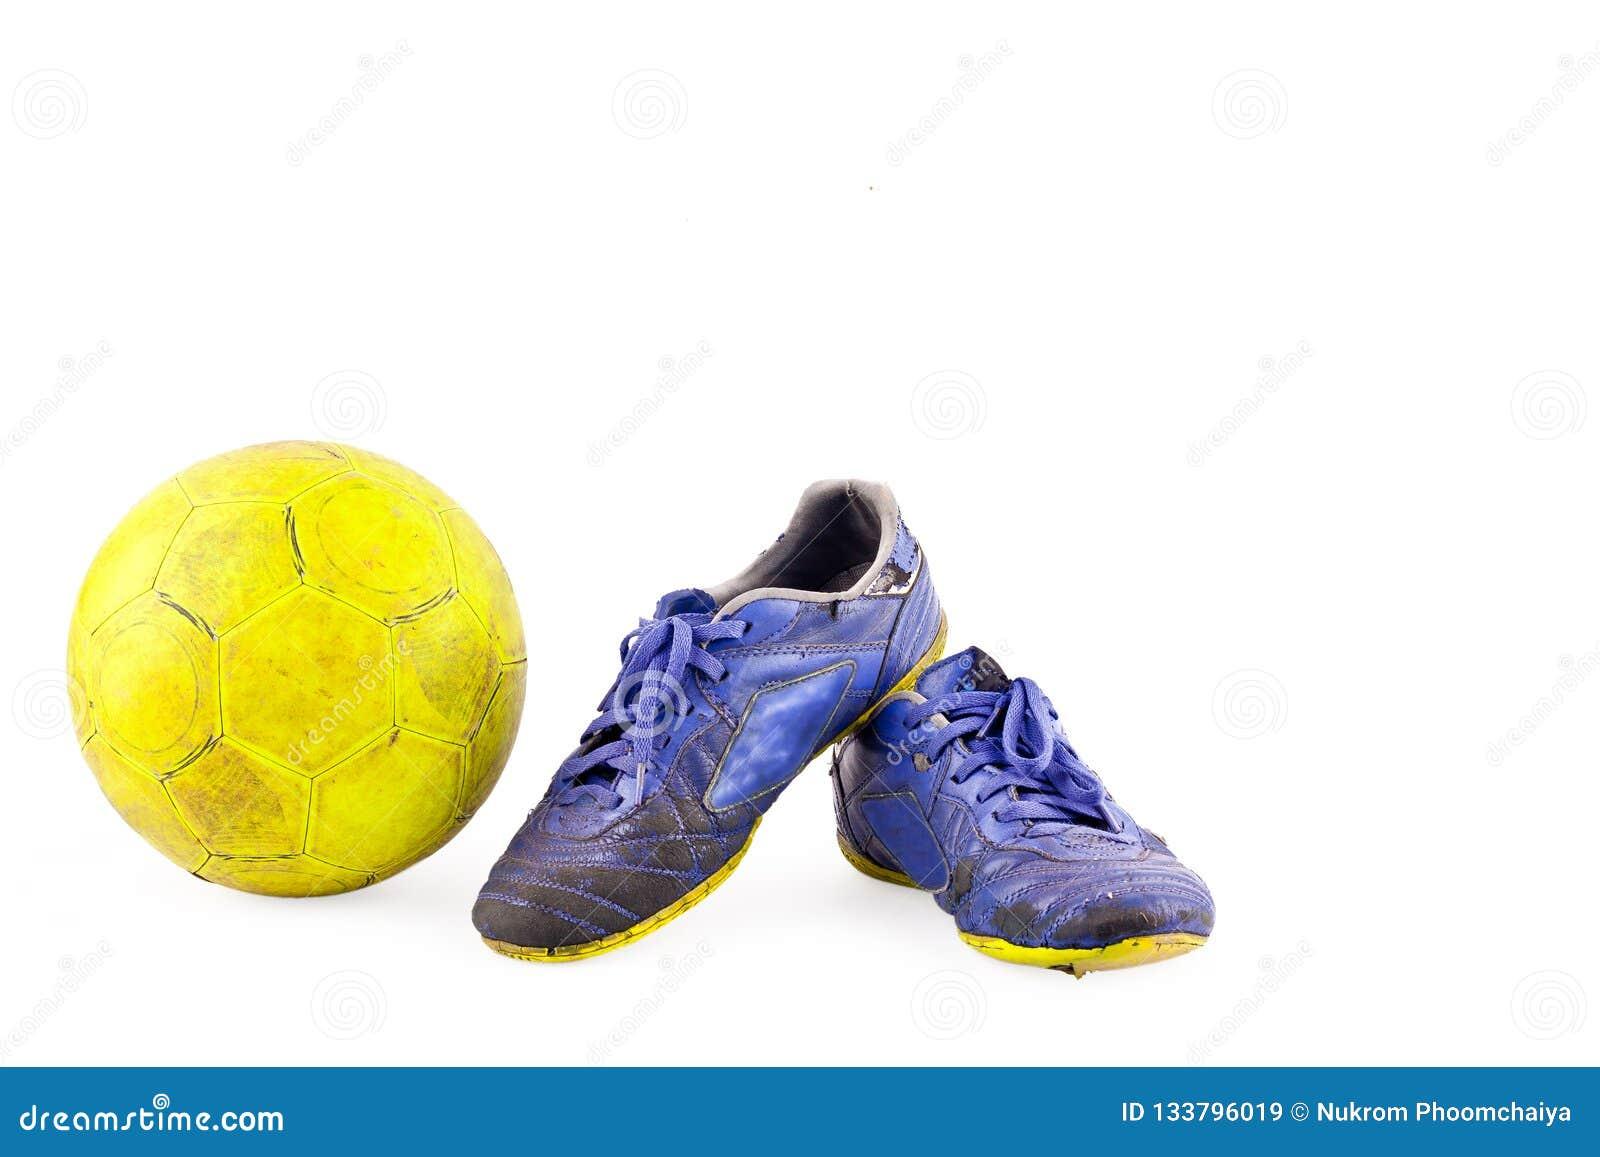 El Futsal Los La Bola Viejo Dañó Deportes Y Vintage De Zapatos ymPv0N8nOw